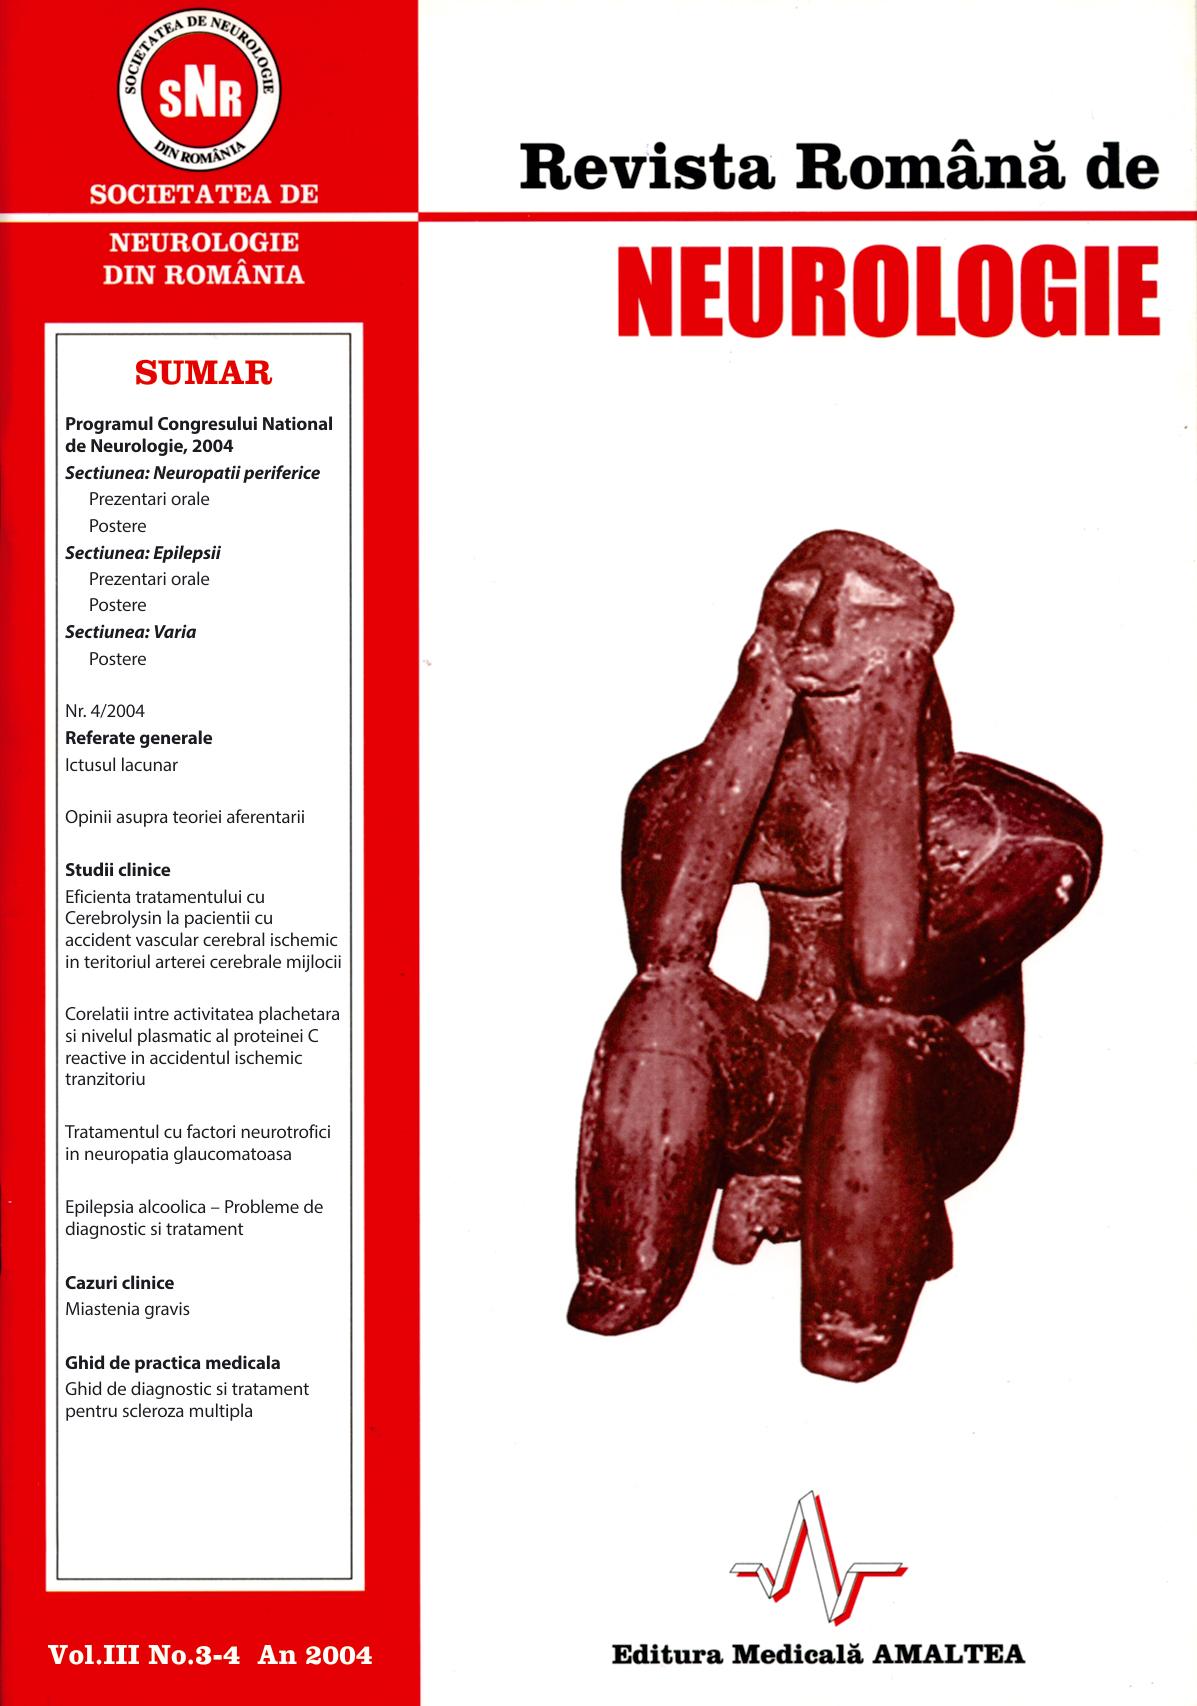 Romanian Journal of Neurology, Volume III, No. 3-4, 2004